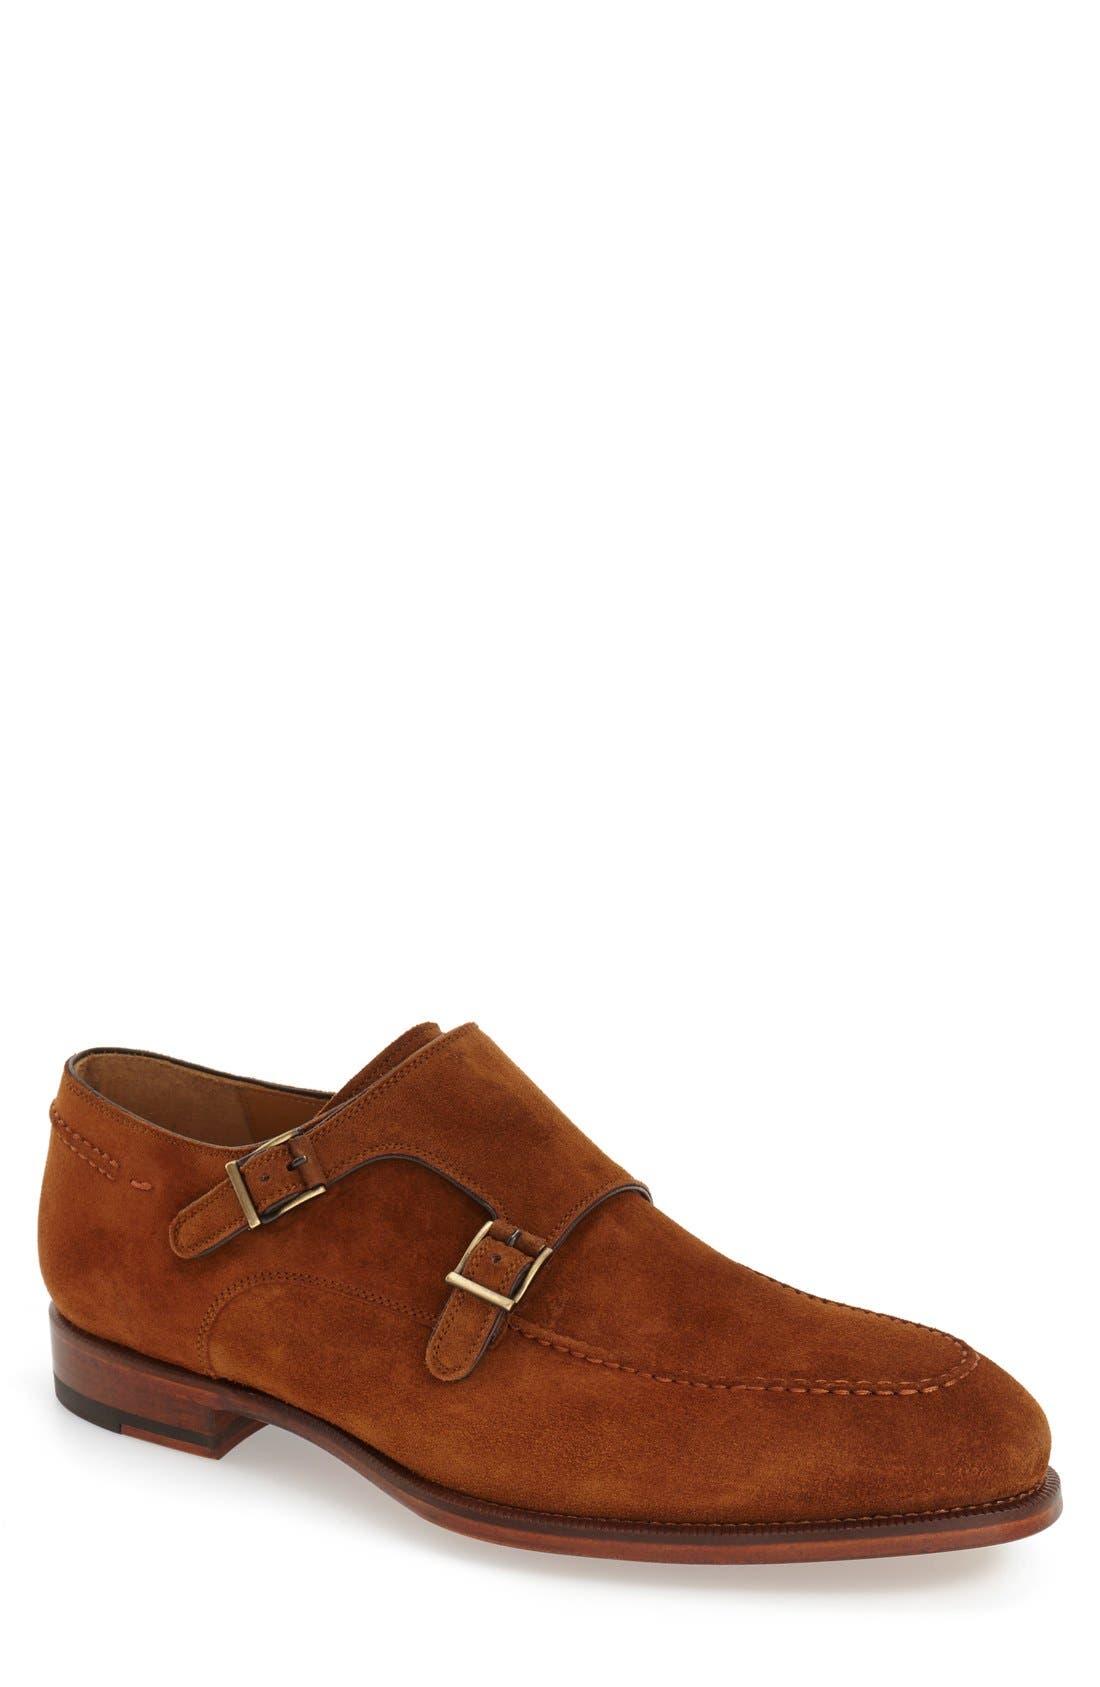 'Tomas' Double Monk Strap Shoe,                         Main,                         color, 219